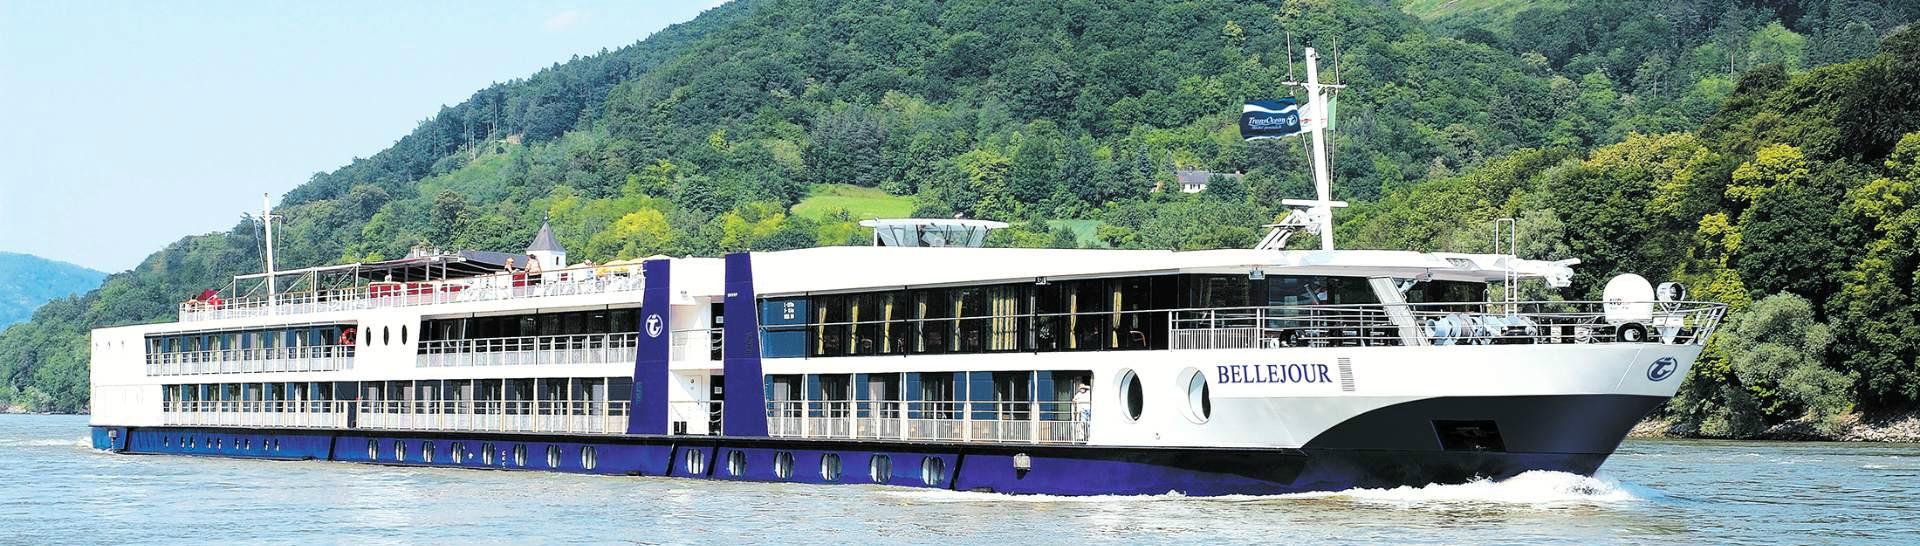 Bellejour ship